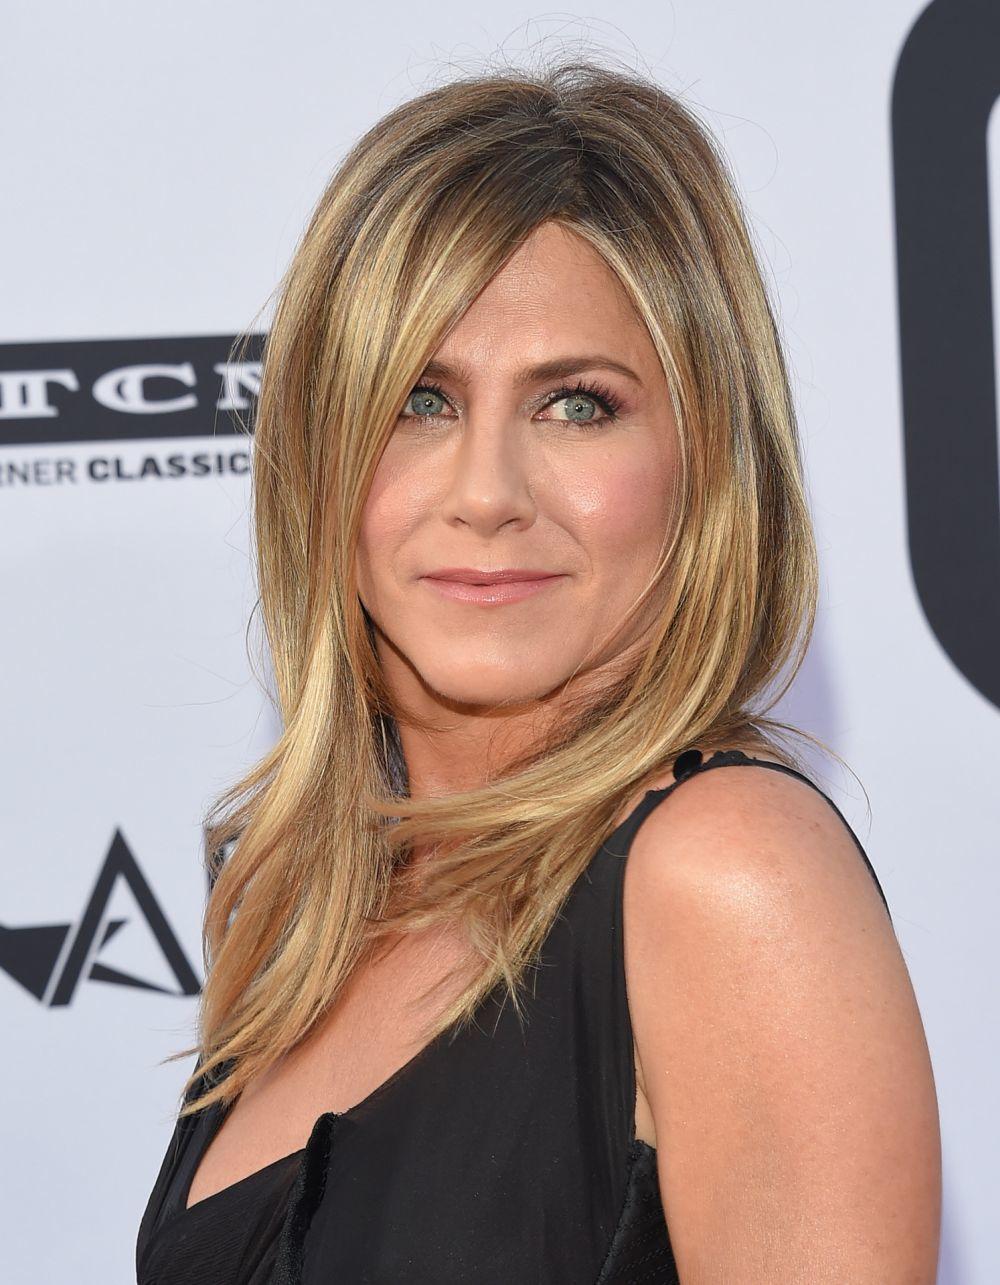 Jennifer Aniston luciendo el corte de pelo mixi maxi con ligeras capas y mechas miel que estilizan su rostro.